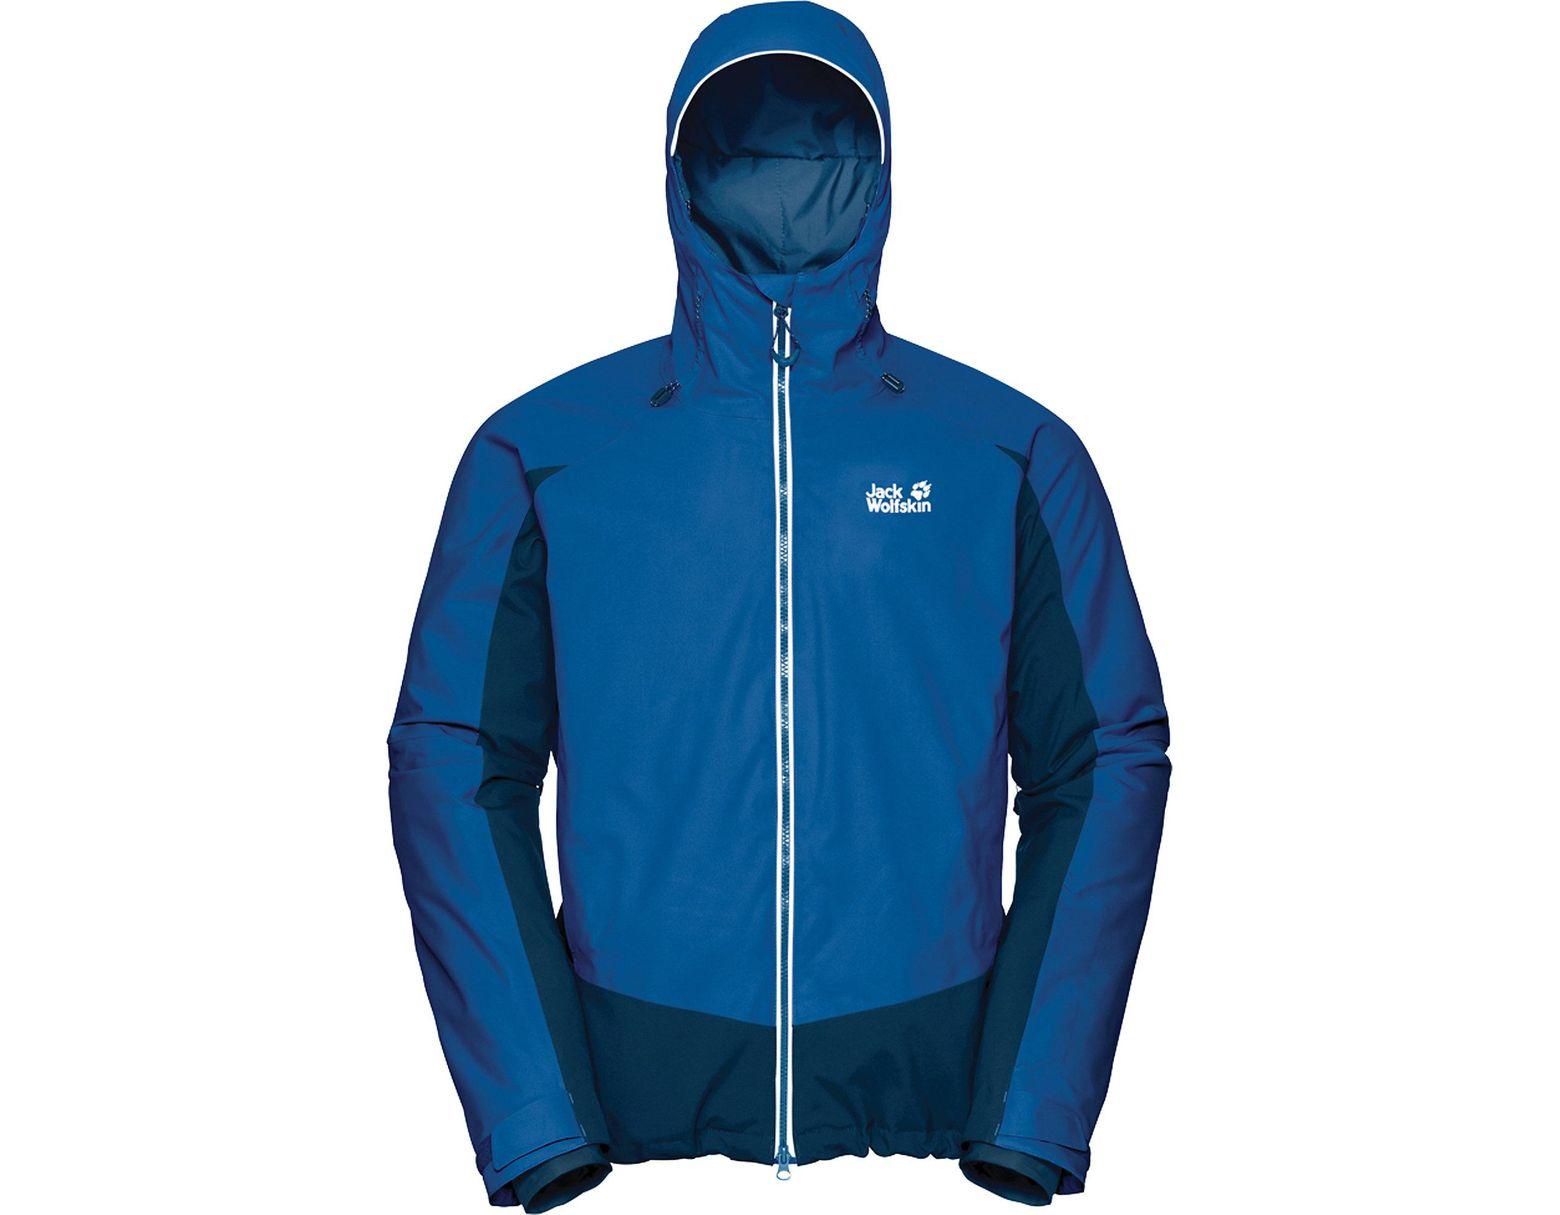 Base Exolight Lyst For Jack In Blue Jacket Wolfskin Men HWE9DI2